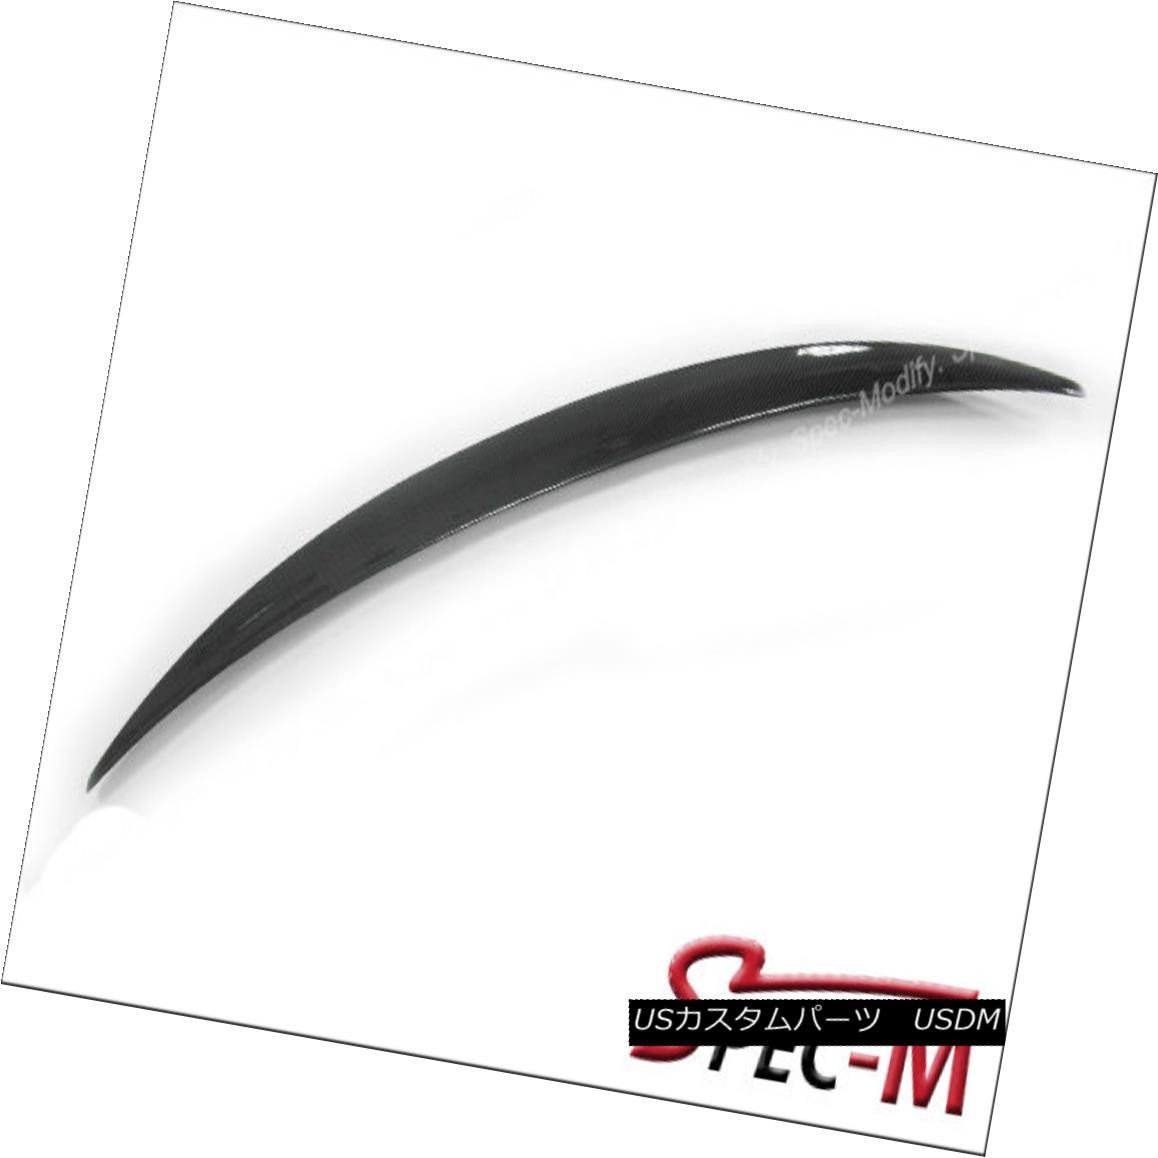 エアロパーツ Performance Type Carbon Fiber Tail Wing Spoiler For 2012+ 320i 328i 335i Sedan パフォーマンスタイプカーボンファイバーテールウィングスポイラー2012 + 320i 328i 335iセダン